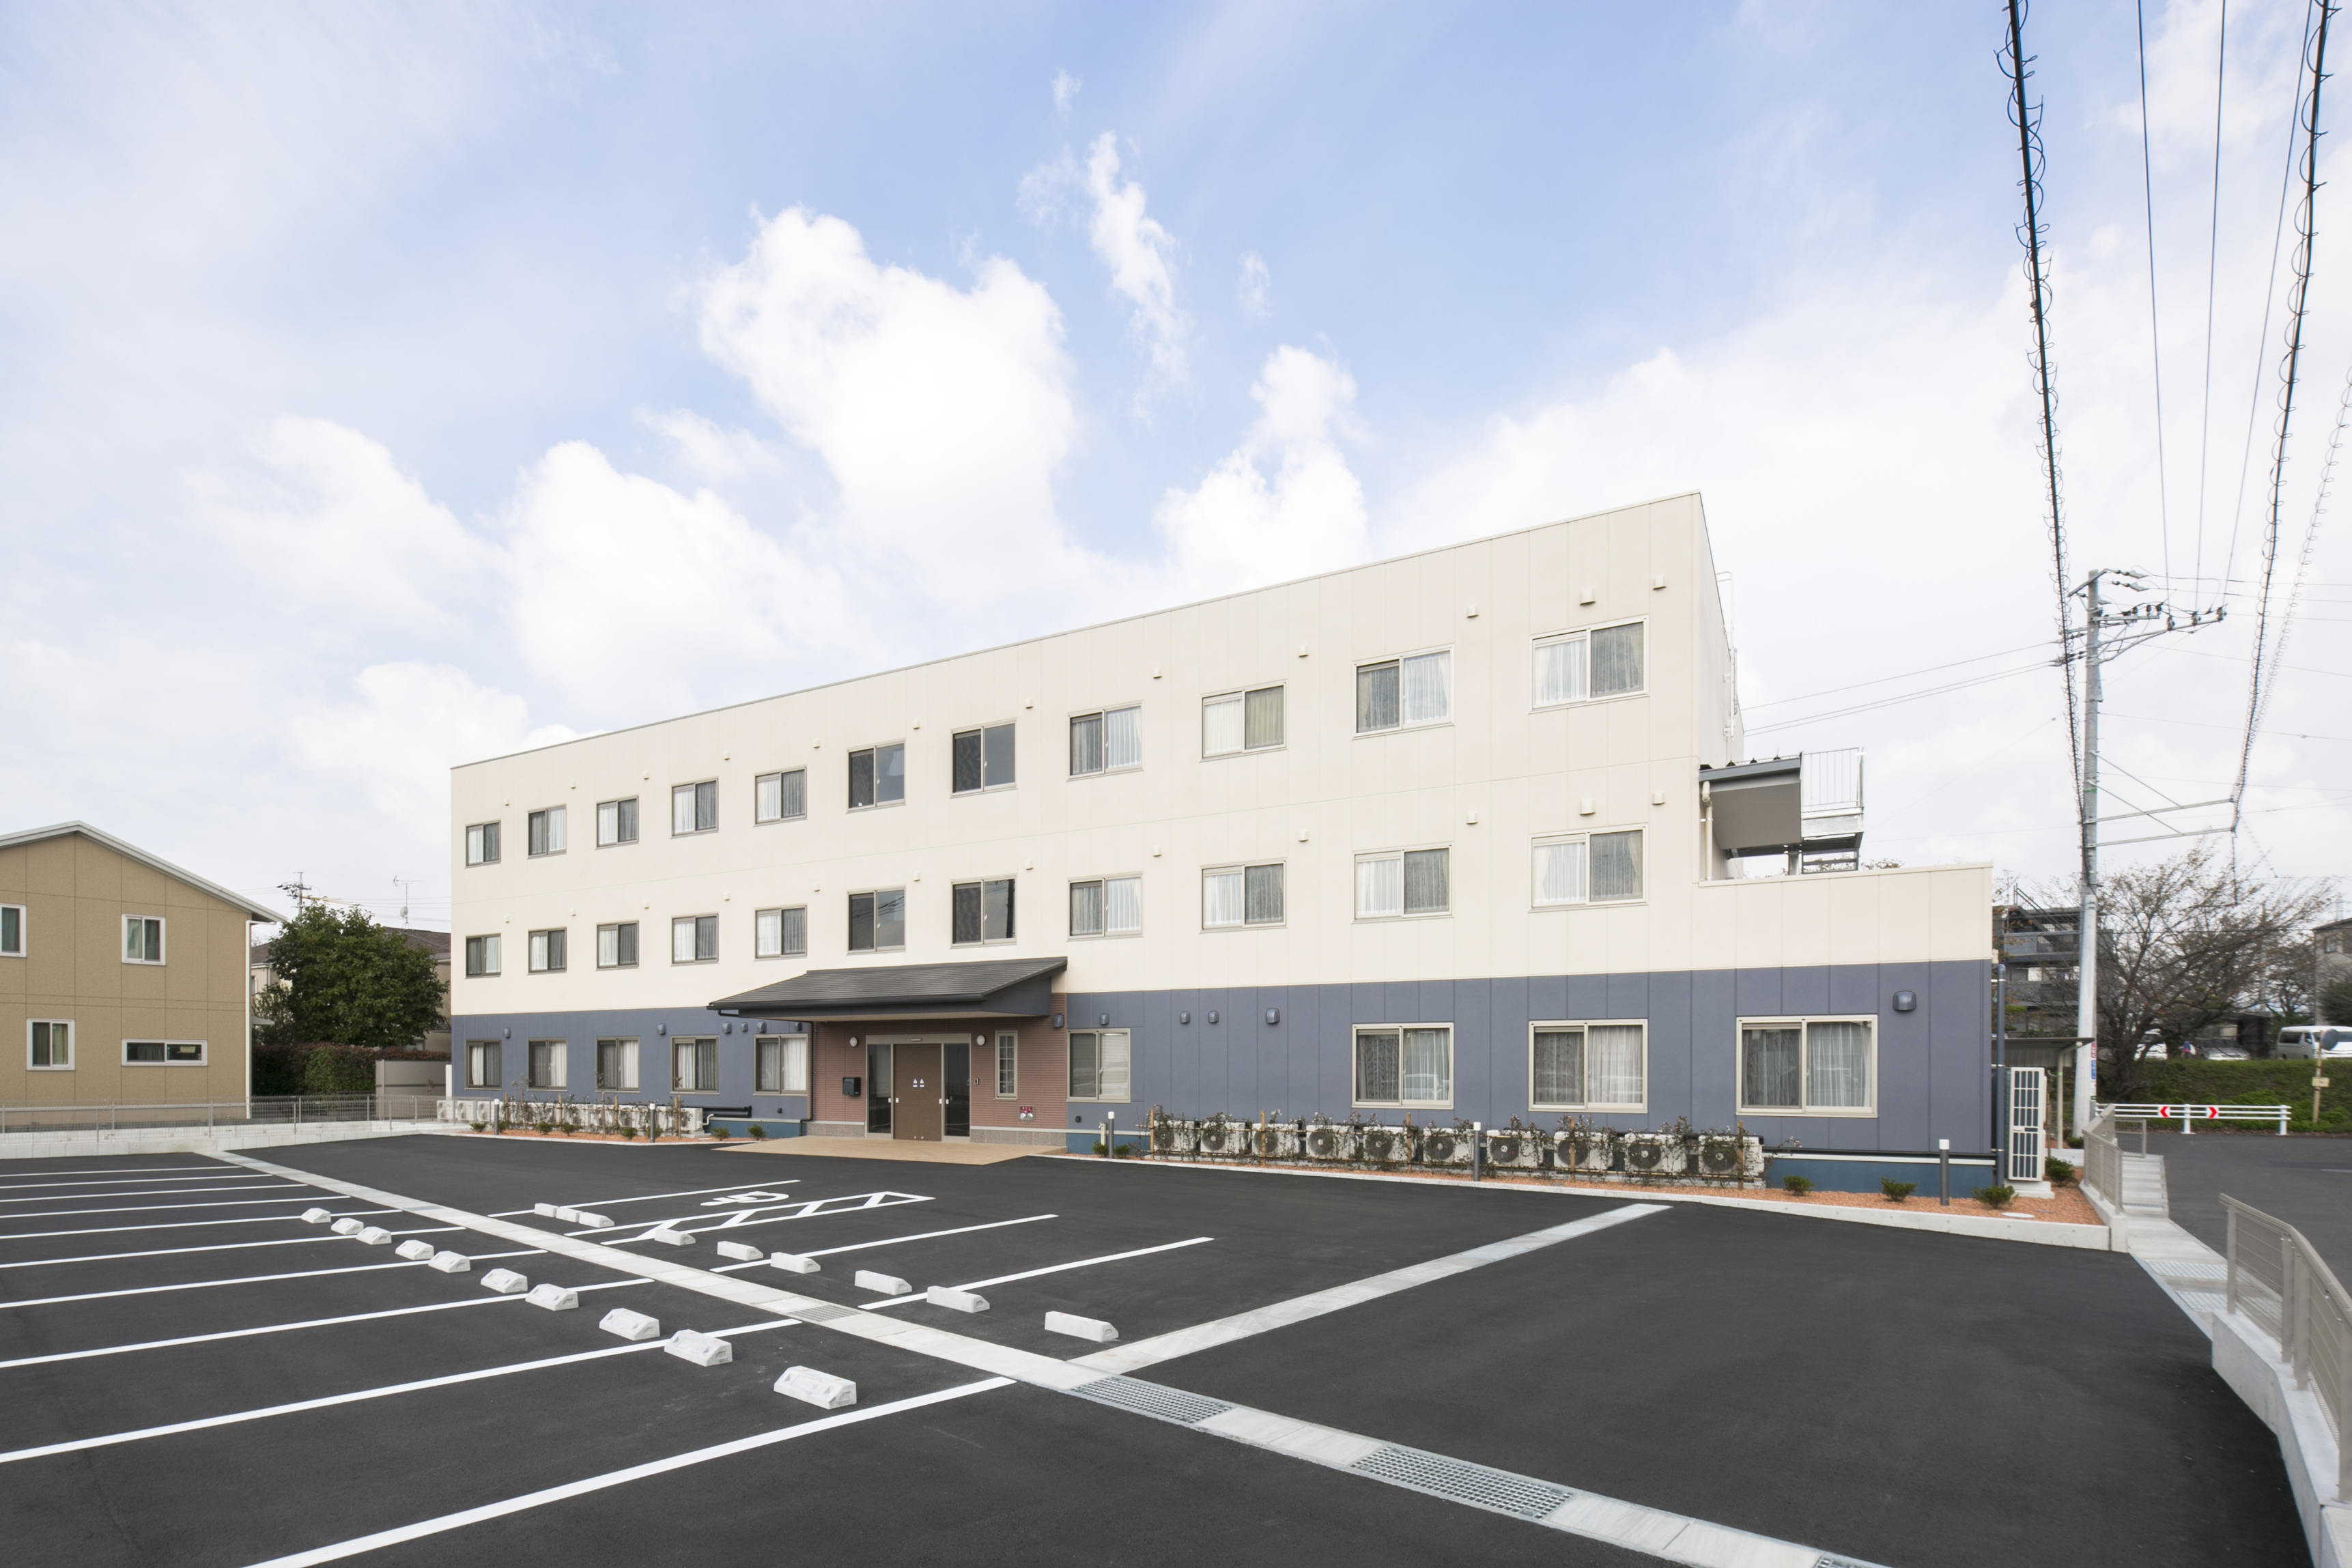 【正社員】<正看護師>マネジメント業務に興味ある方歓迎!介護施設の看護の管理業務のお仕事です!|静岡県藤枝市 イメージ